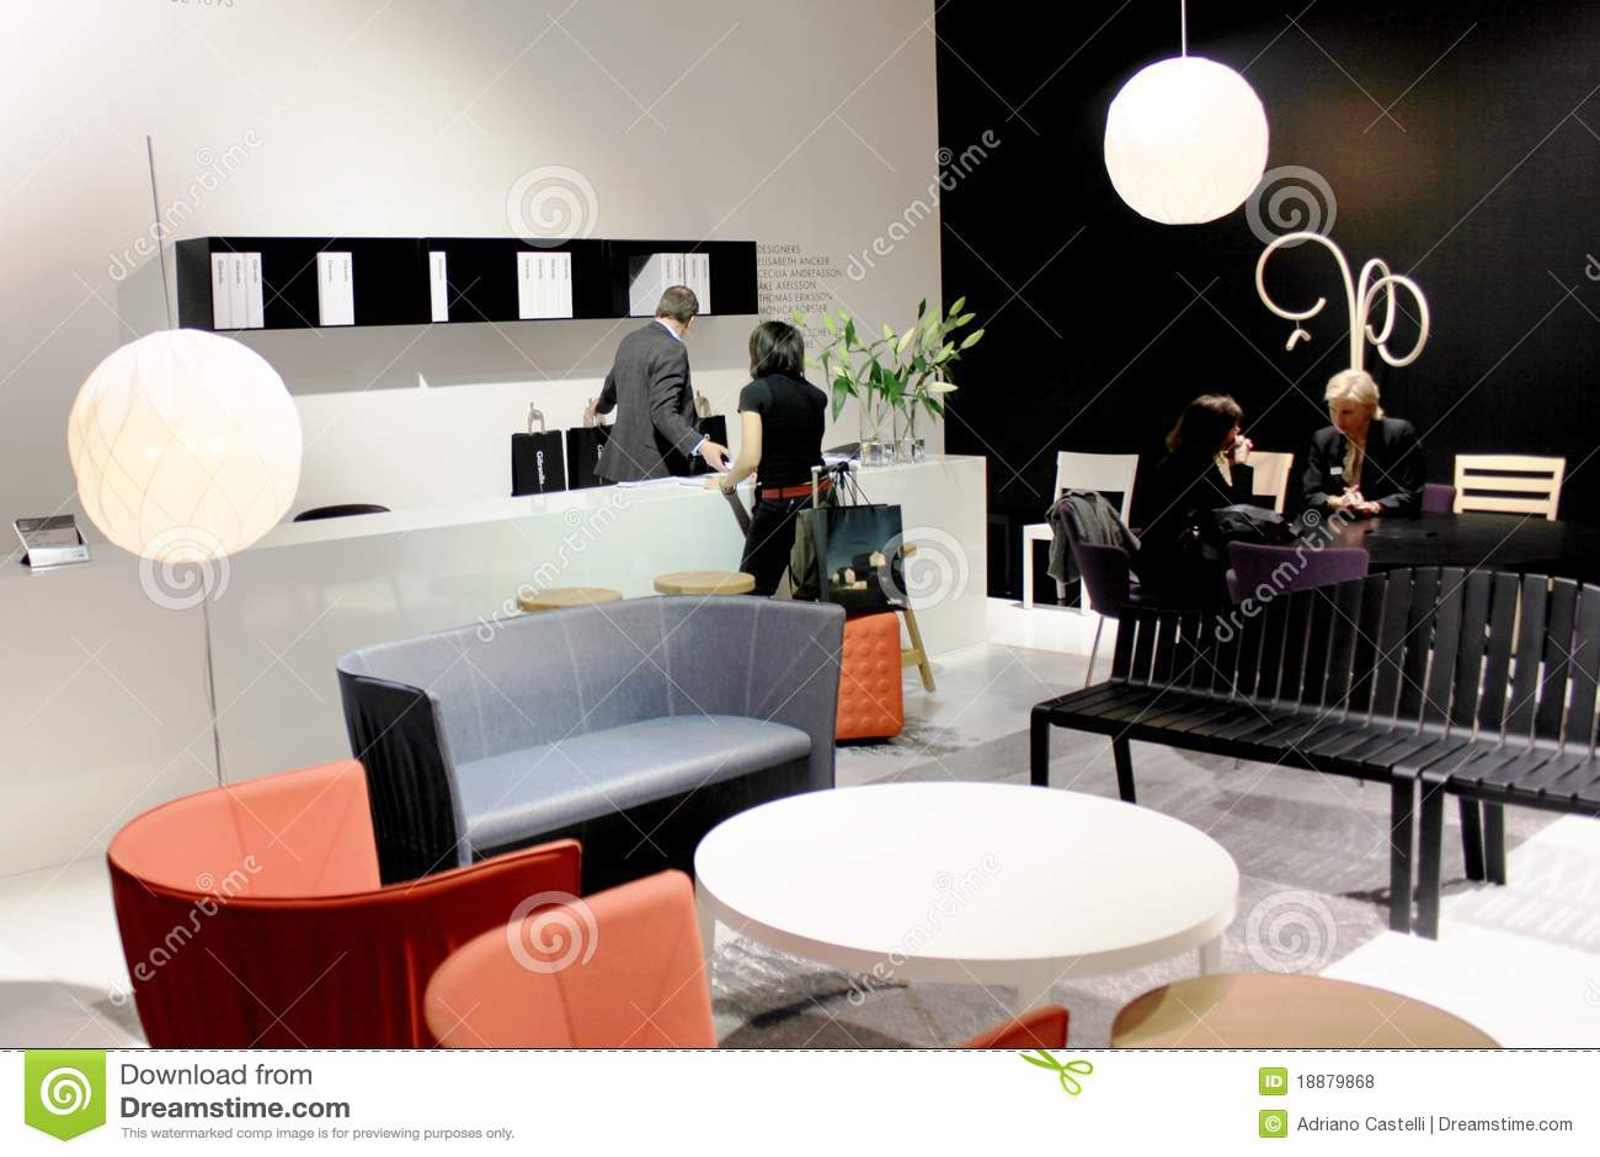 Salone internazionale del mobile 2010 fotografia stock for Salone del mobile prezzi